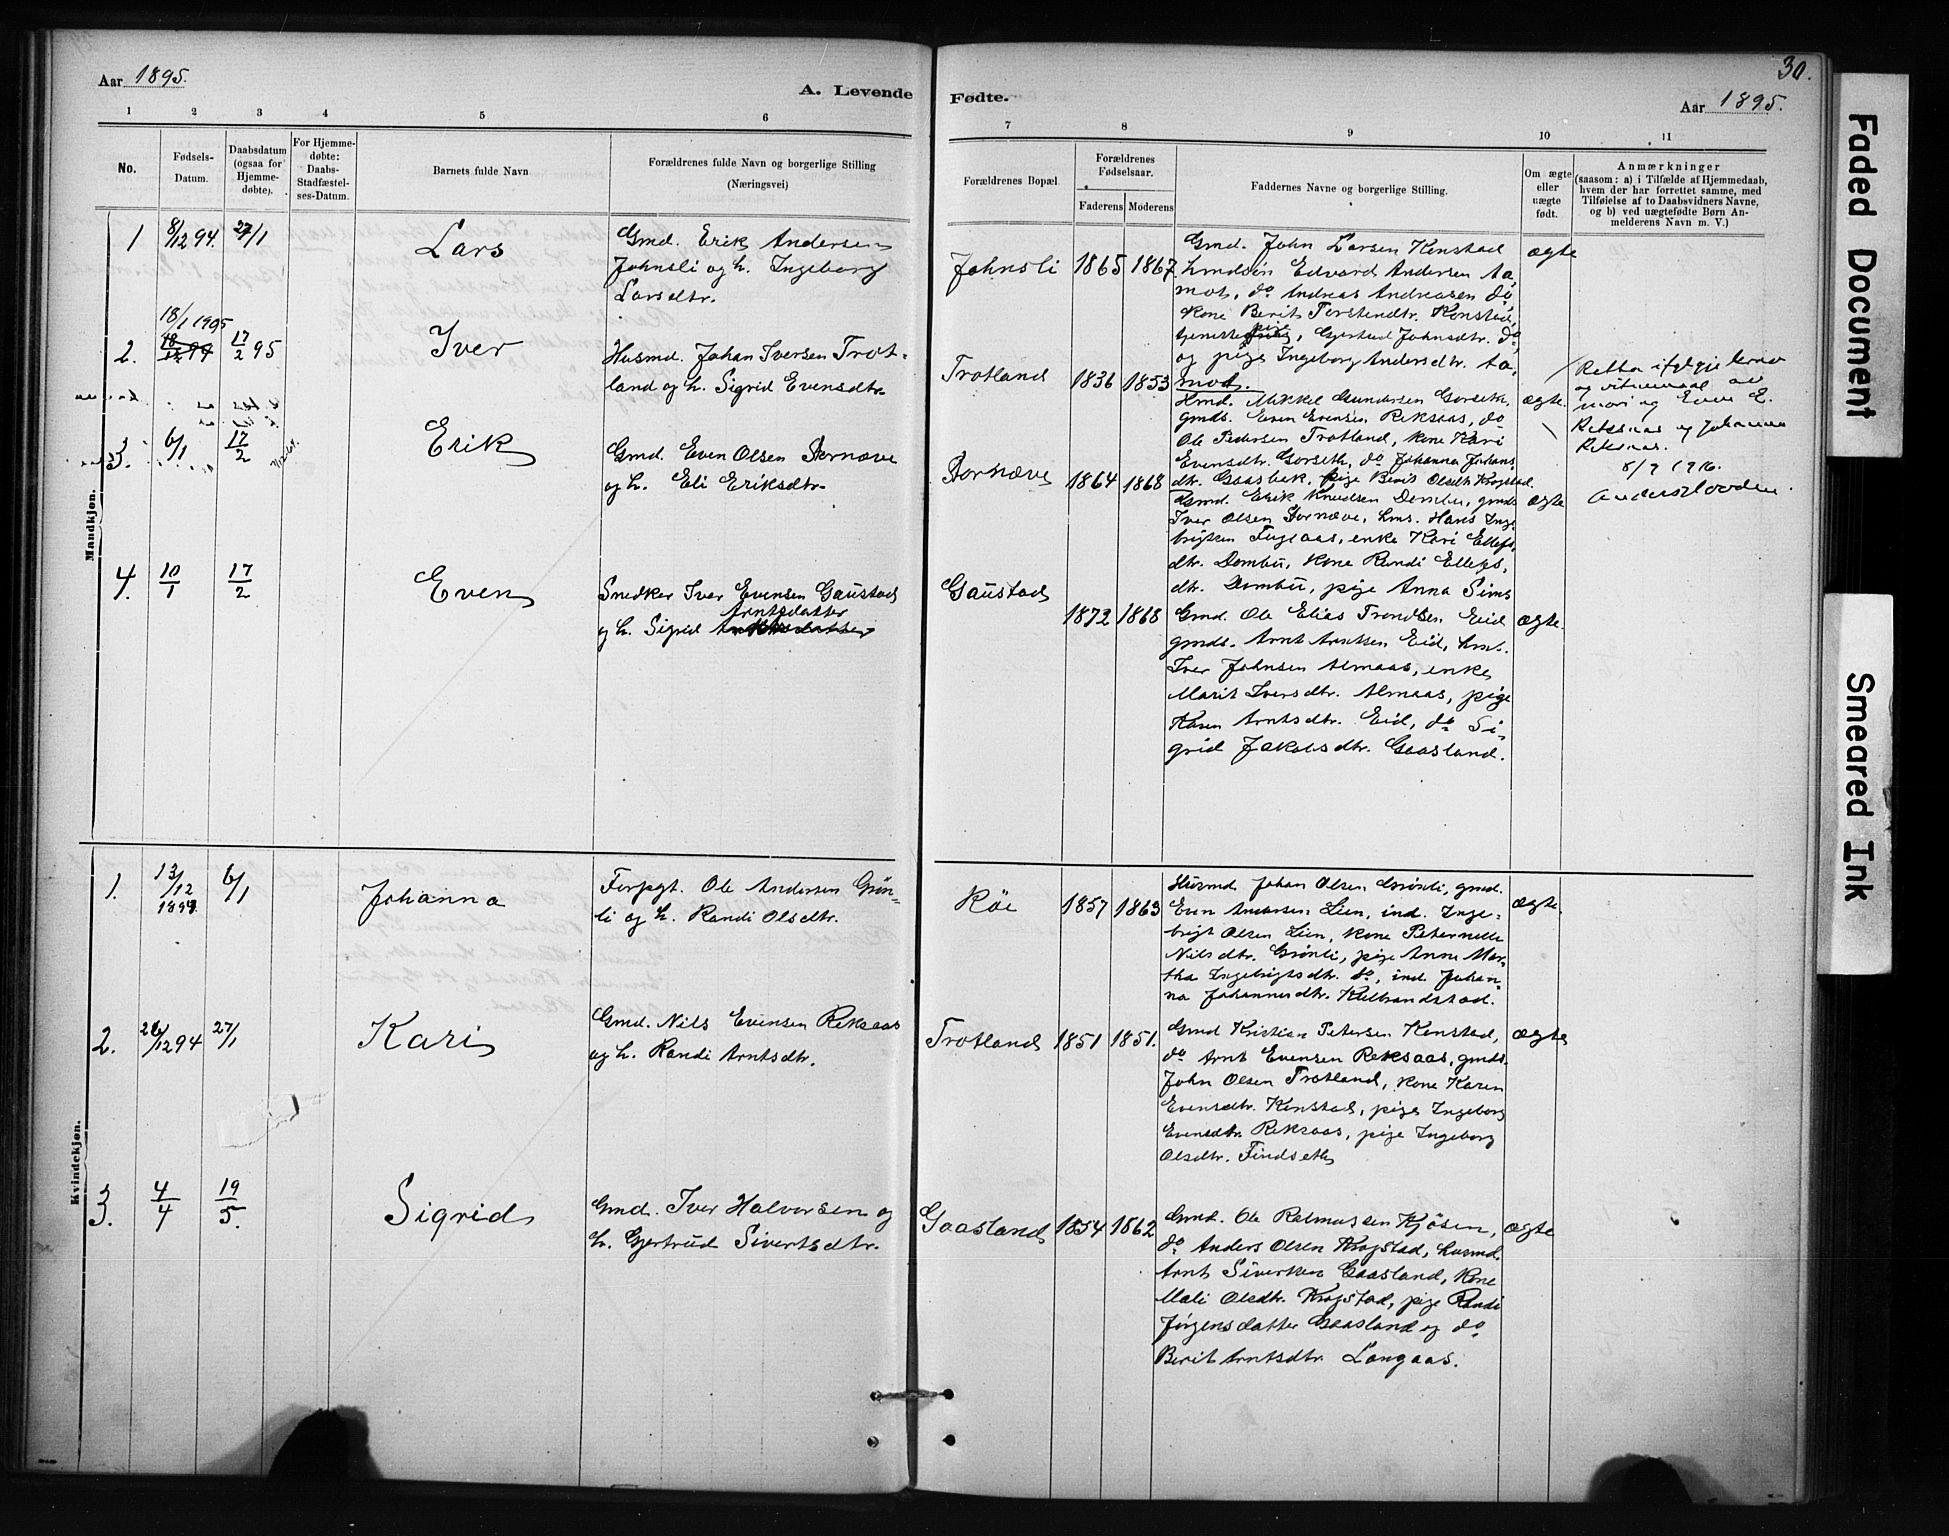 SAT, Ministerialprotokoller, klokkerbøker og fødselsregistre - Sør-Trøndelag, 694/L1127: Ministerialbok nr. 694A01, 1887-1905, s. 30